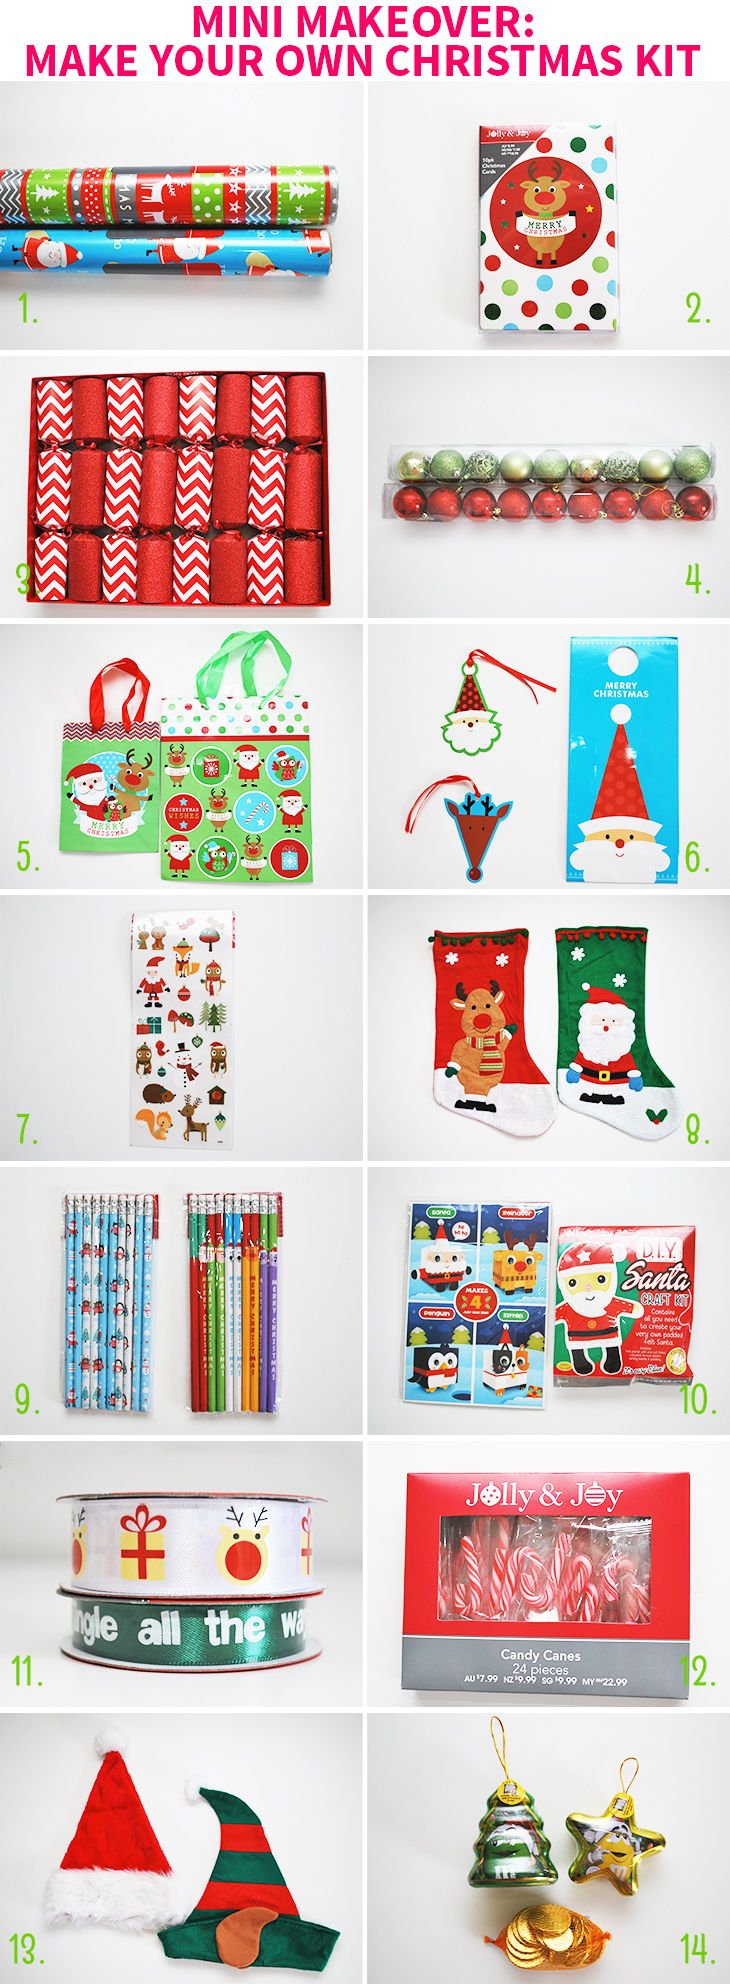 98 best DIY Christmas images on Pinterest | Easy napkin folding ...